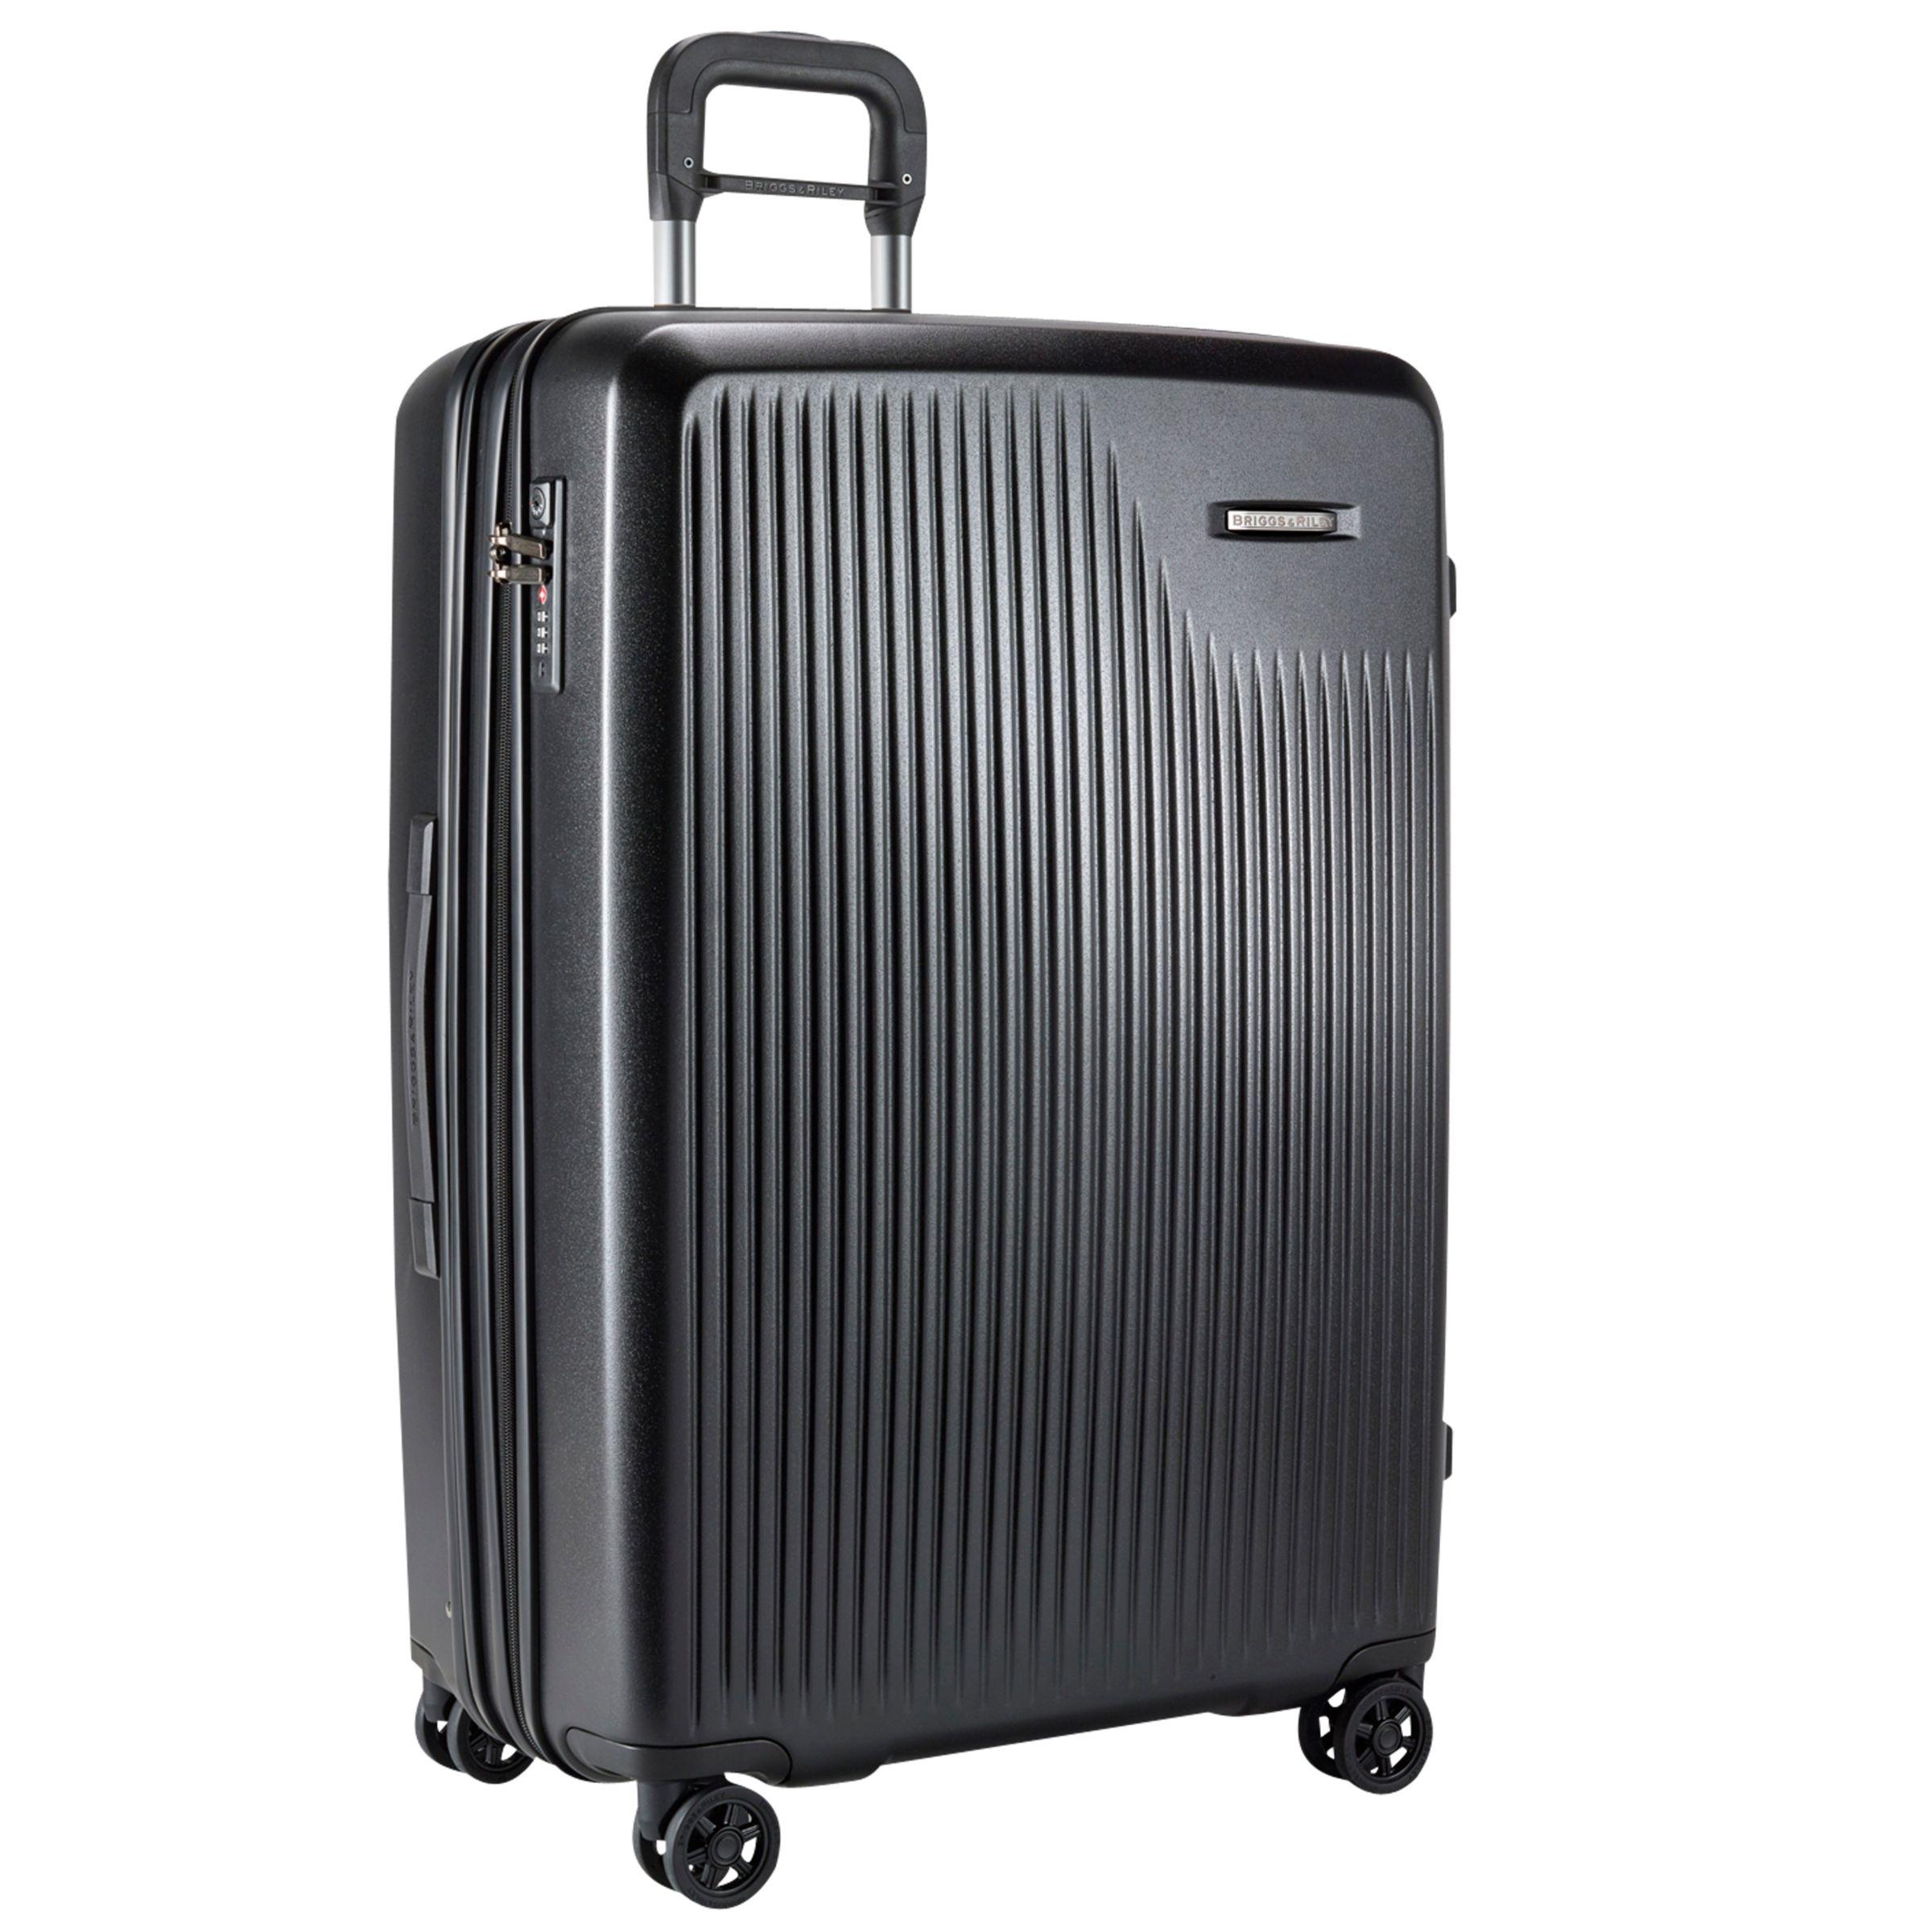 Briggs & Riley Briggs & Riley Sympatico 4-Wheel Expandable Large Suitcase